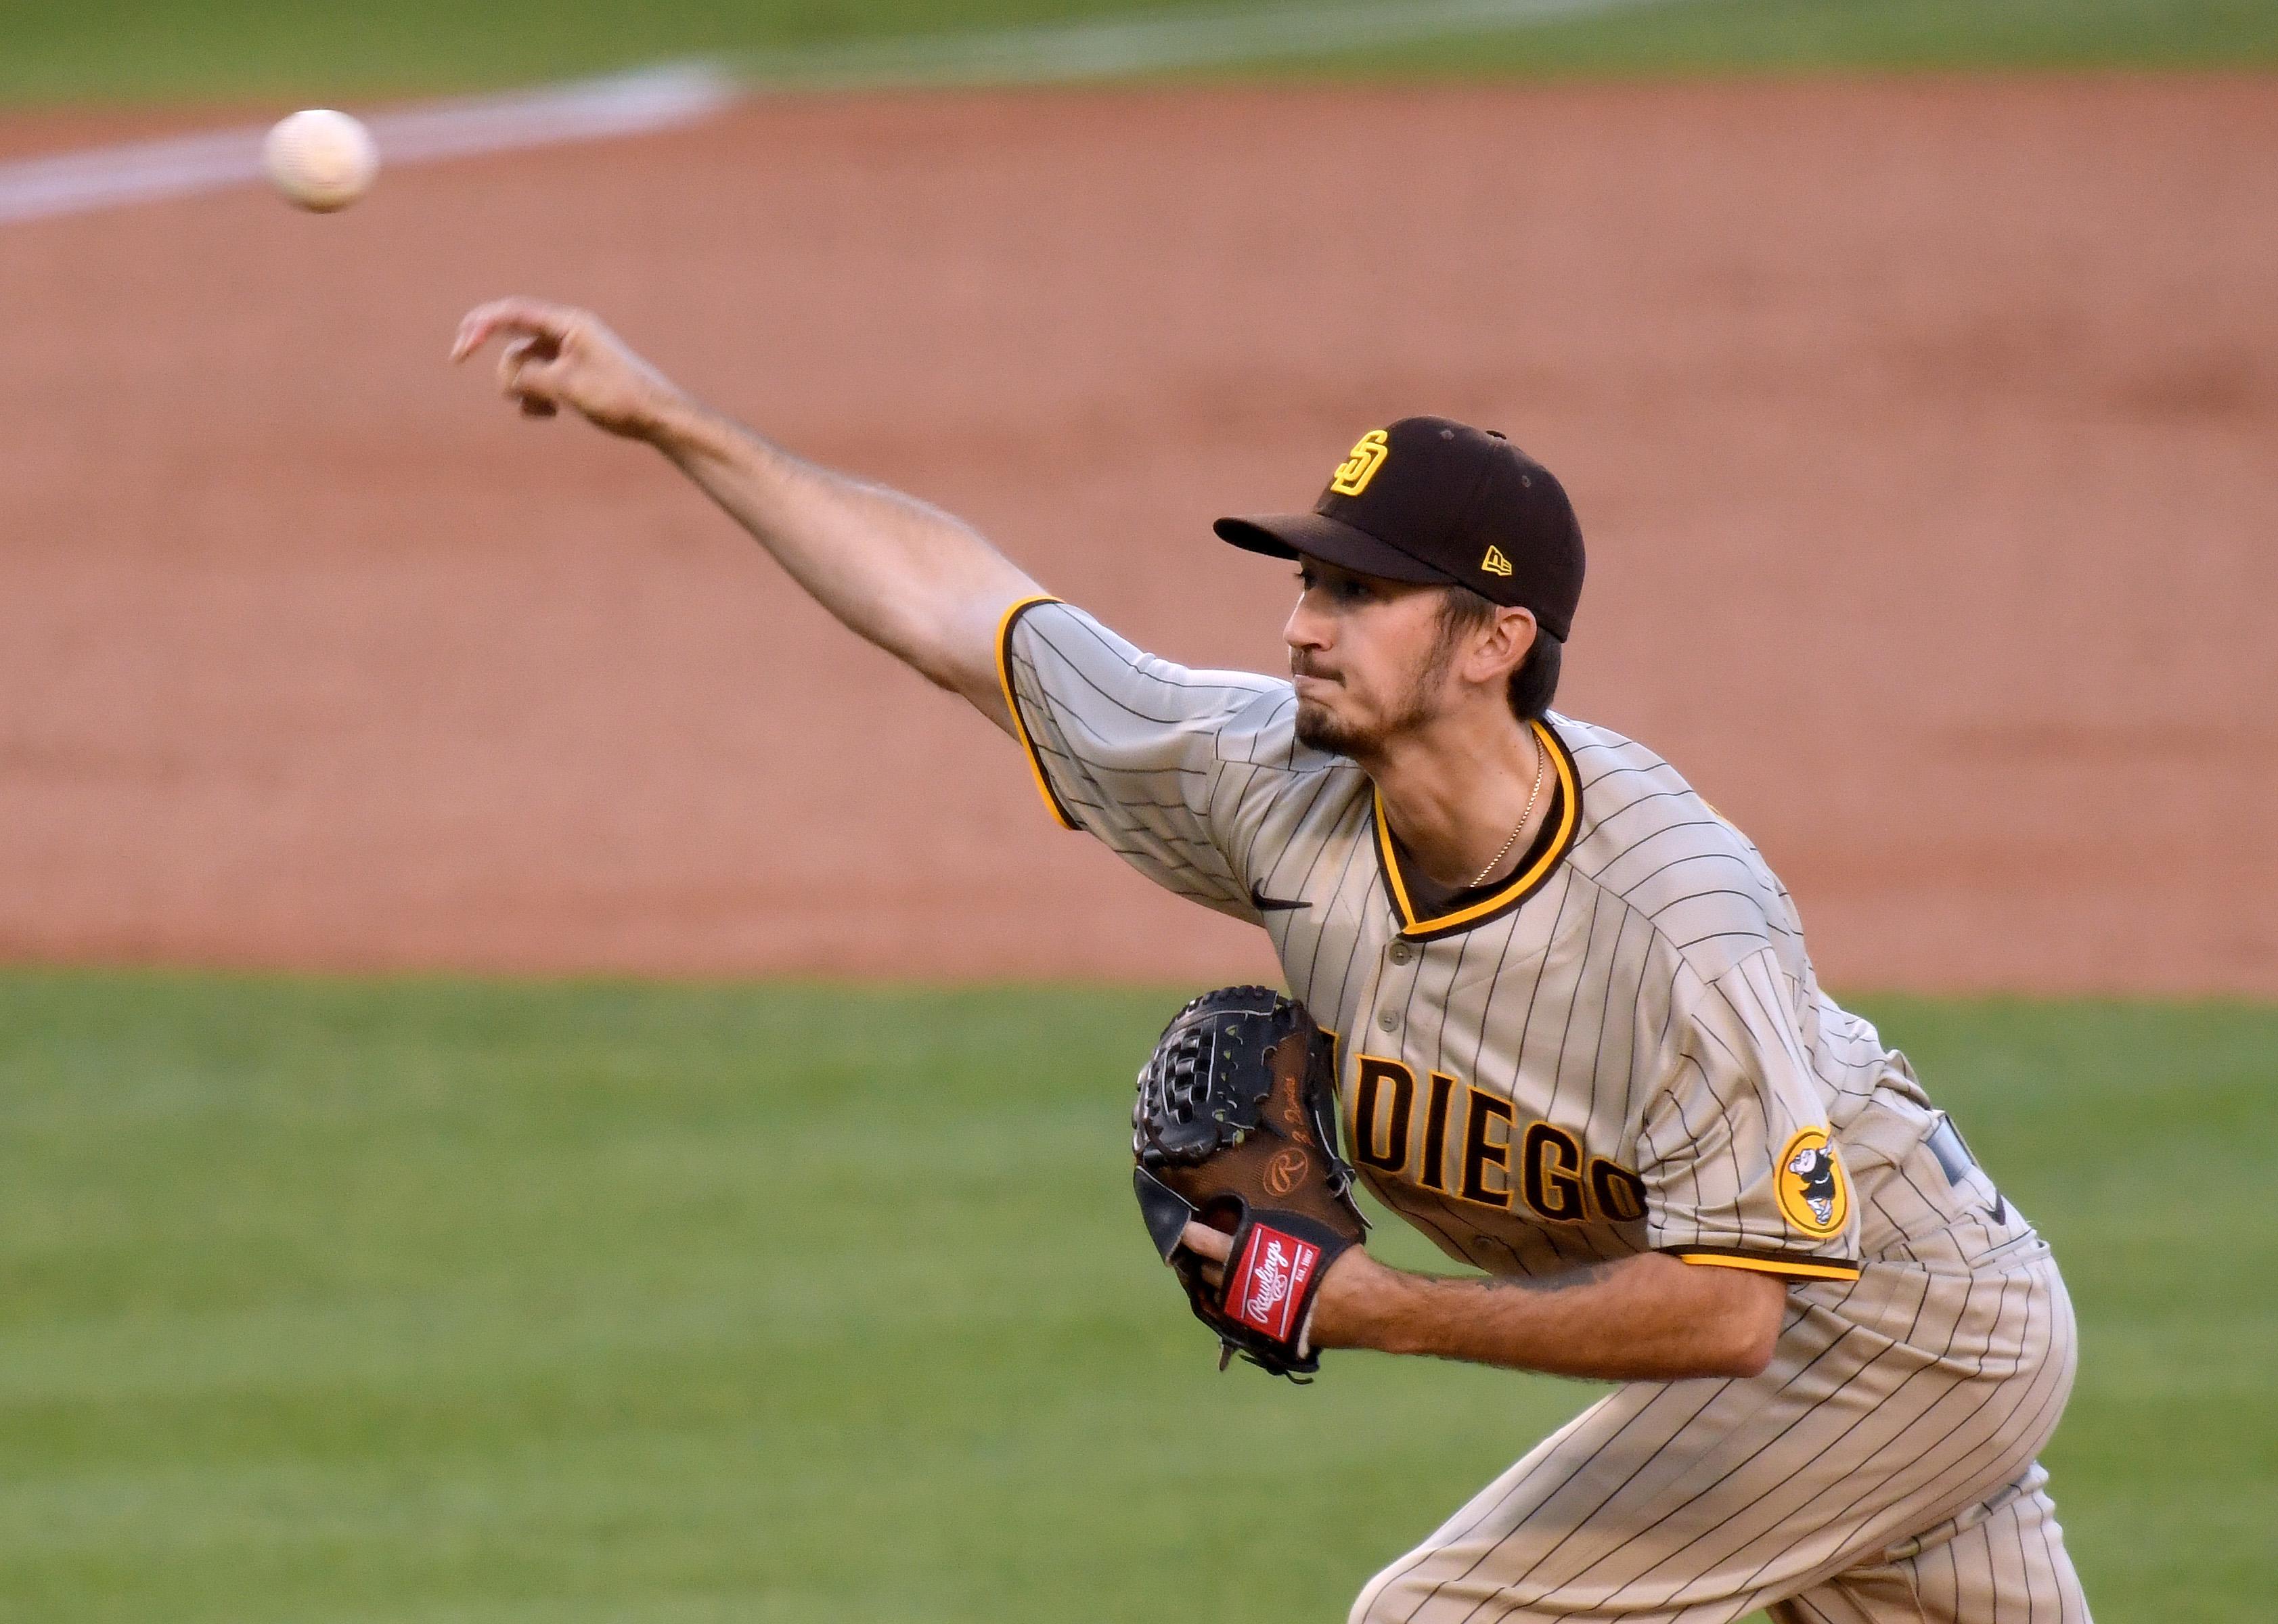 Davies Sharp, Bats Silent in Shutout Loss to L.A.